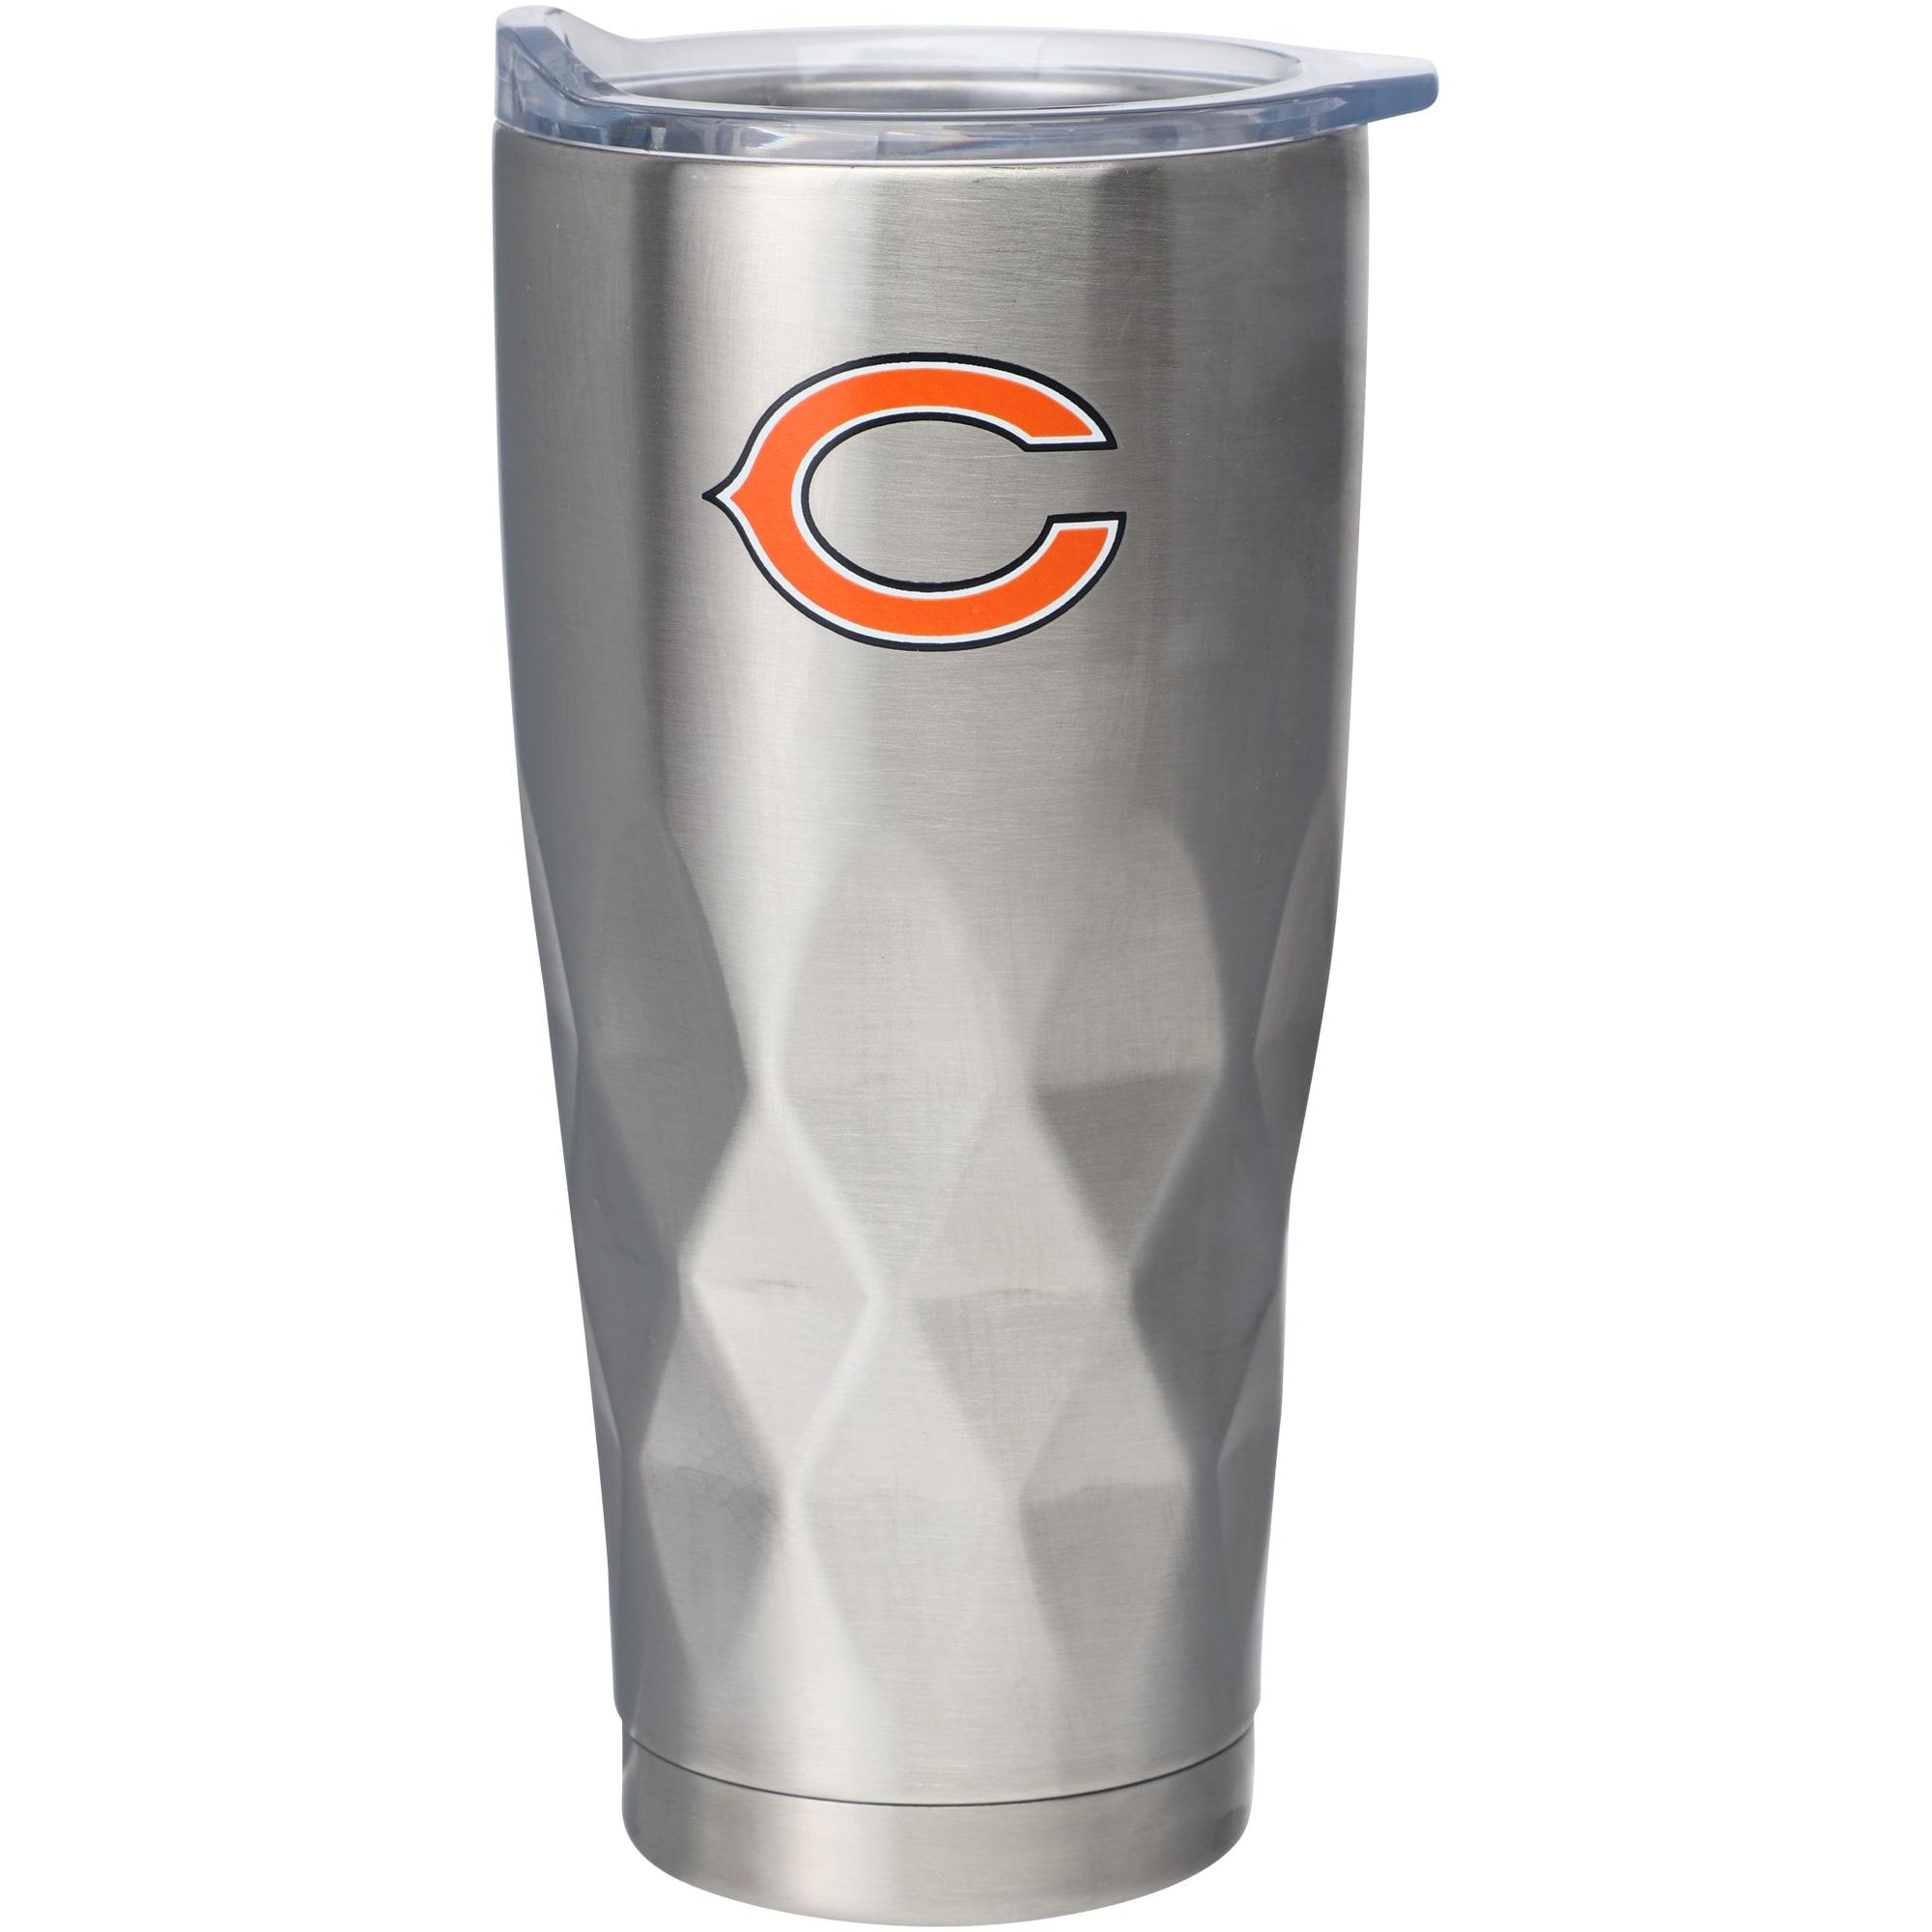 Chicago Bears 22oz. Diamond Bottom Stainless Steel Tumbler